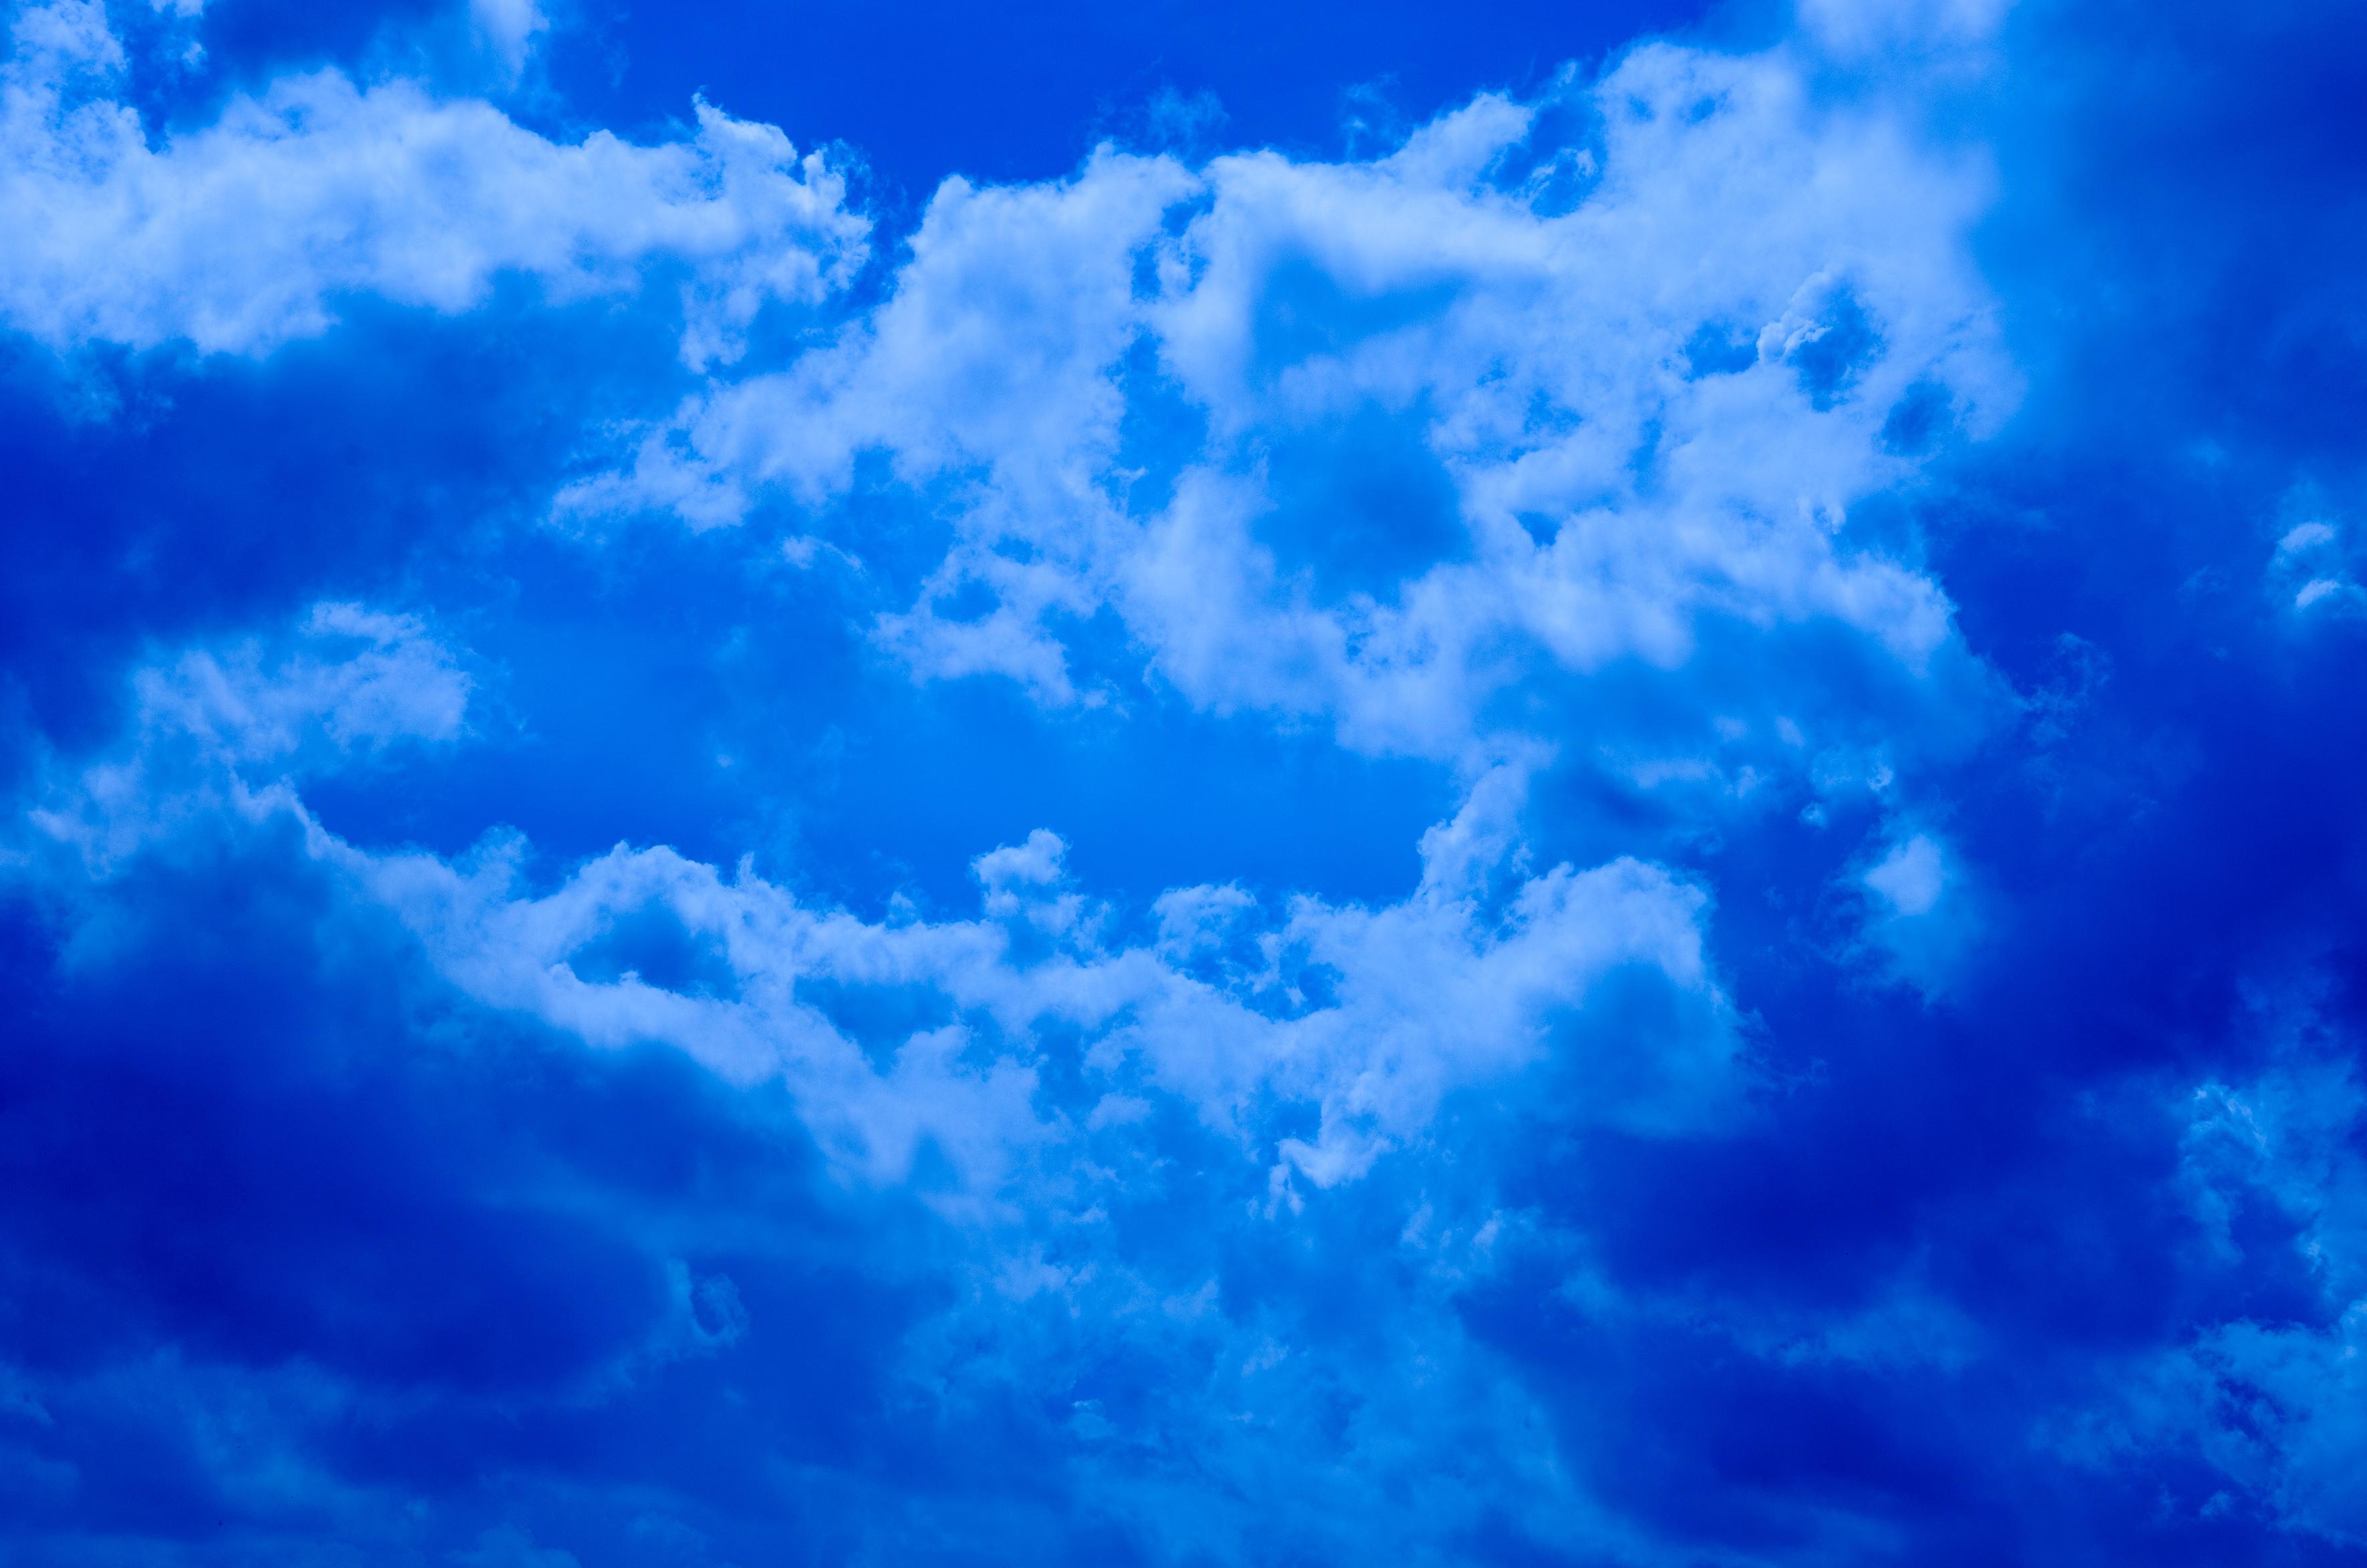 что представляют открытка голубого неба предварительно